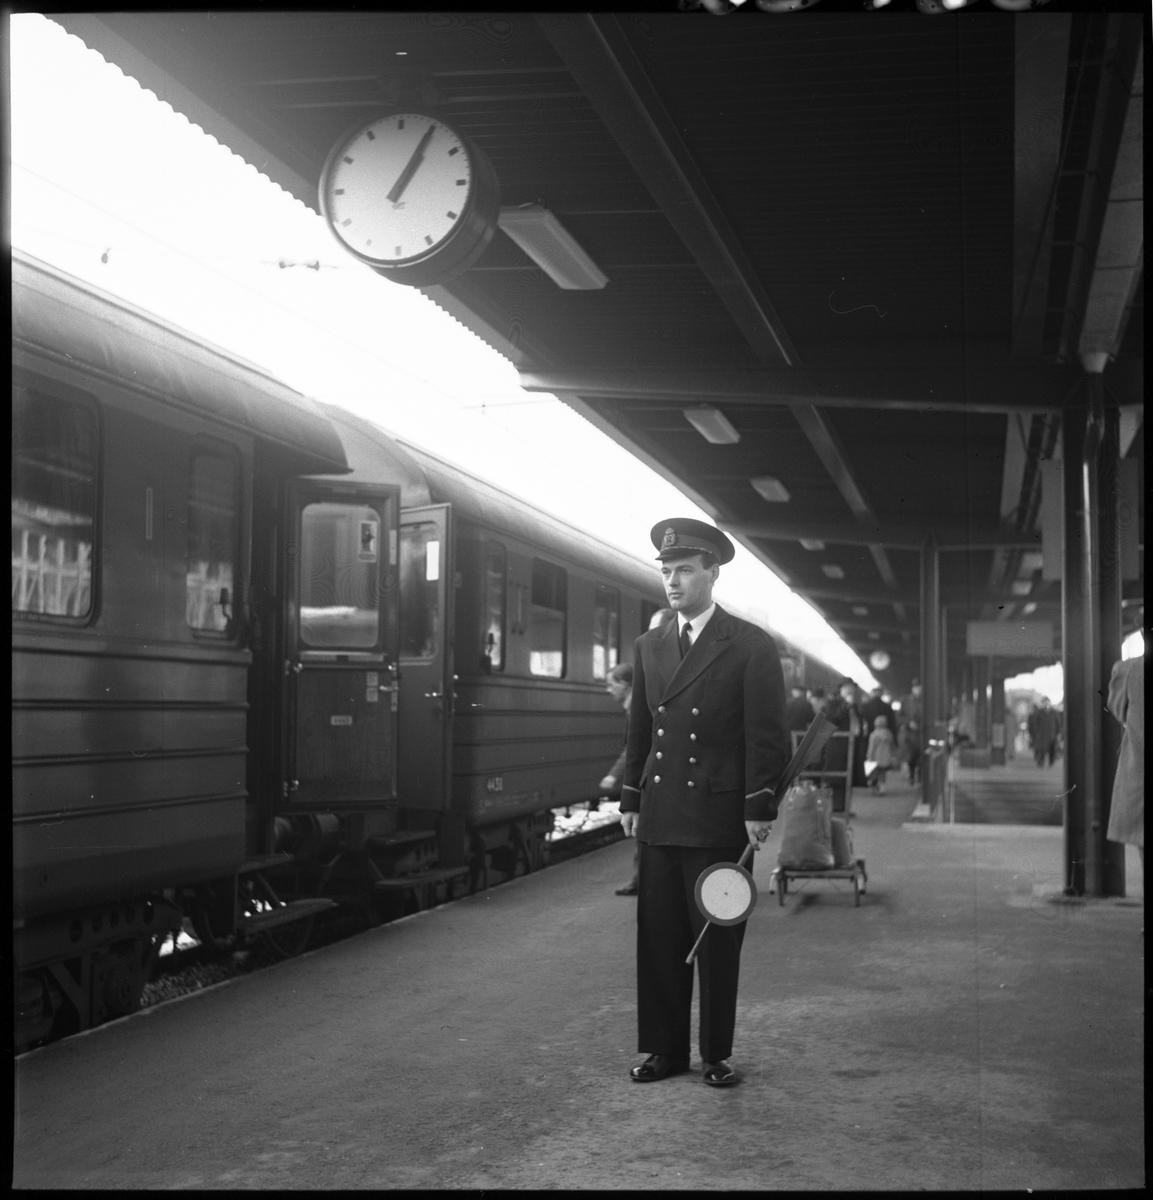 Statens Järnvägar, SJ 4438. Tågklarerare ser till att tidtabellen och tågordningen hålls och är den som bedömer vilka åtgärder som bör göras vid avvikelser i tågtrafiken. Tågklarerare har vinter uniform på sig.